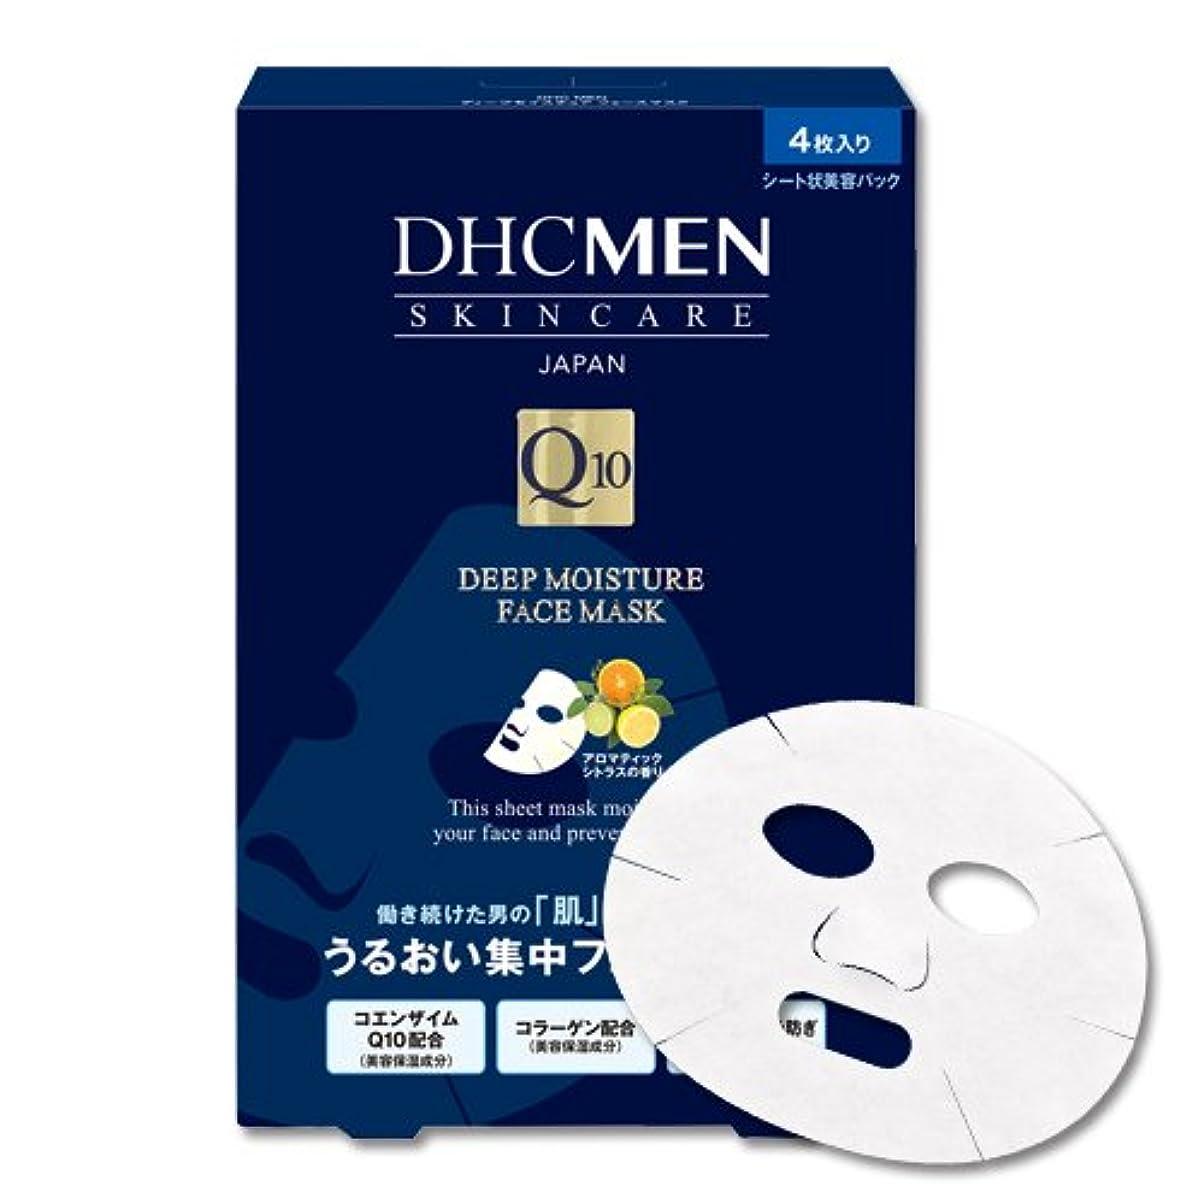 補助金望ましい霧深いDHC MEN ディープモイスチュア フェースマスク